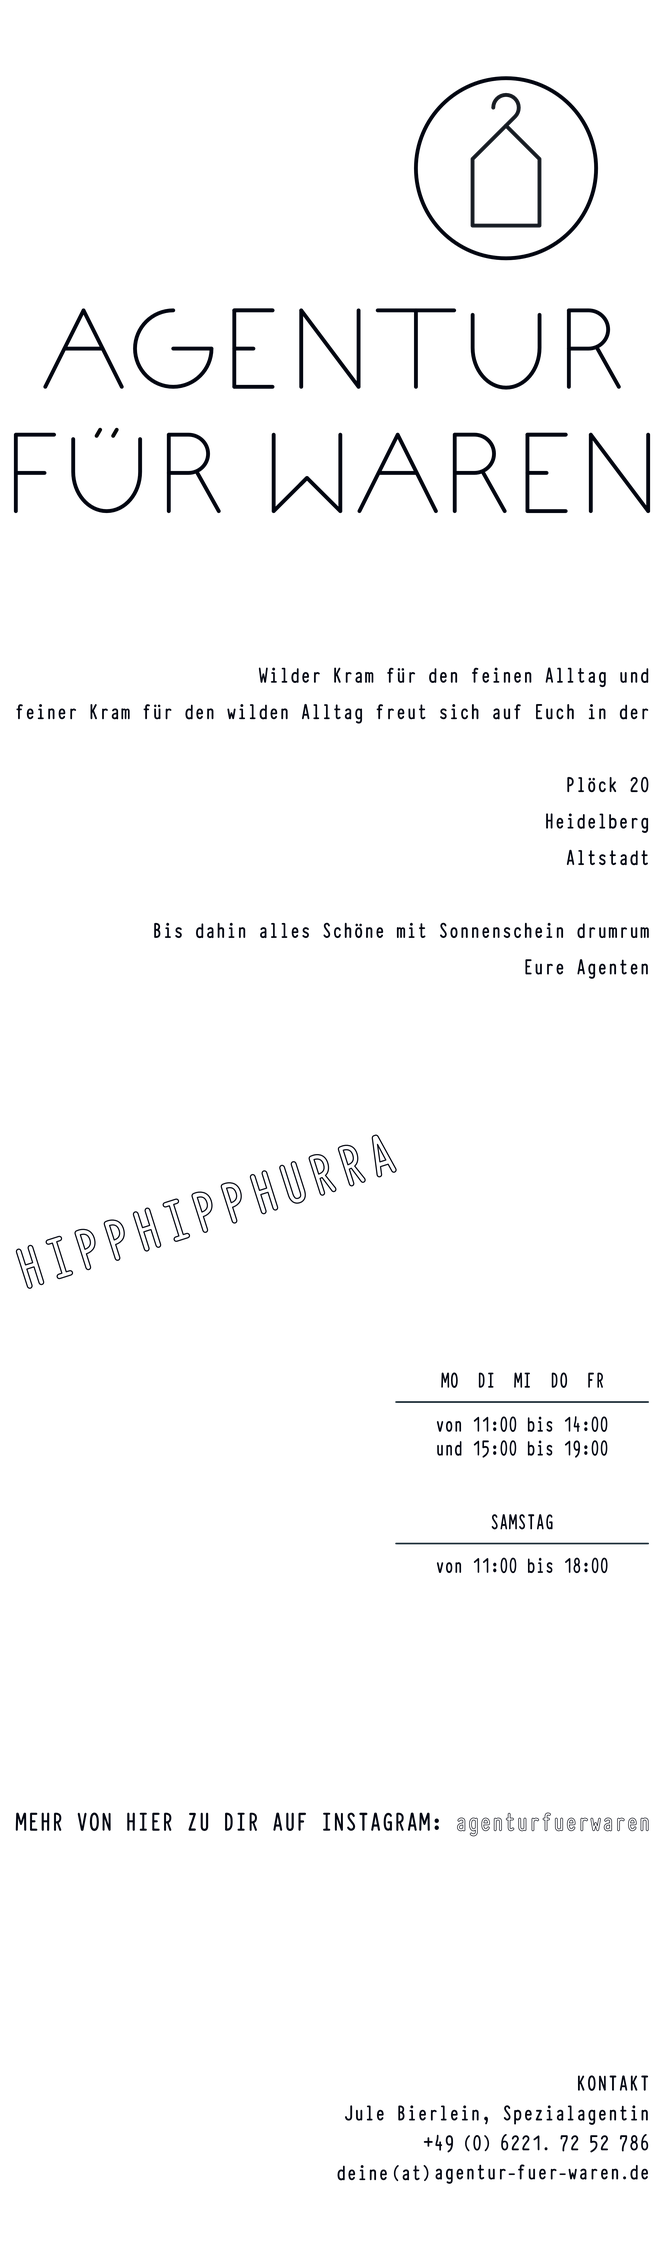 AGENTUR FÜR WAREN / Heidelberg Altstadt / Plöck 20 / Jule Bierlein / Wilder Kram für den feinen Alltag / Feiner Kram für den wilden Alltag